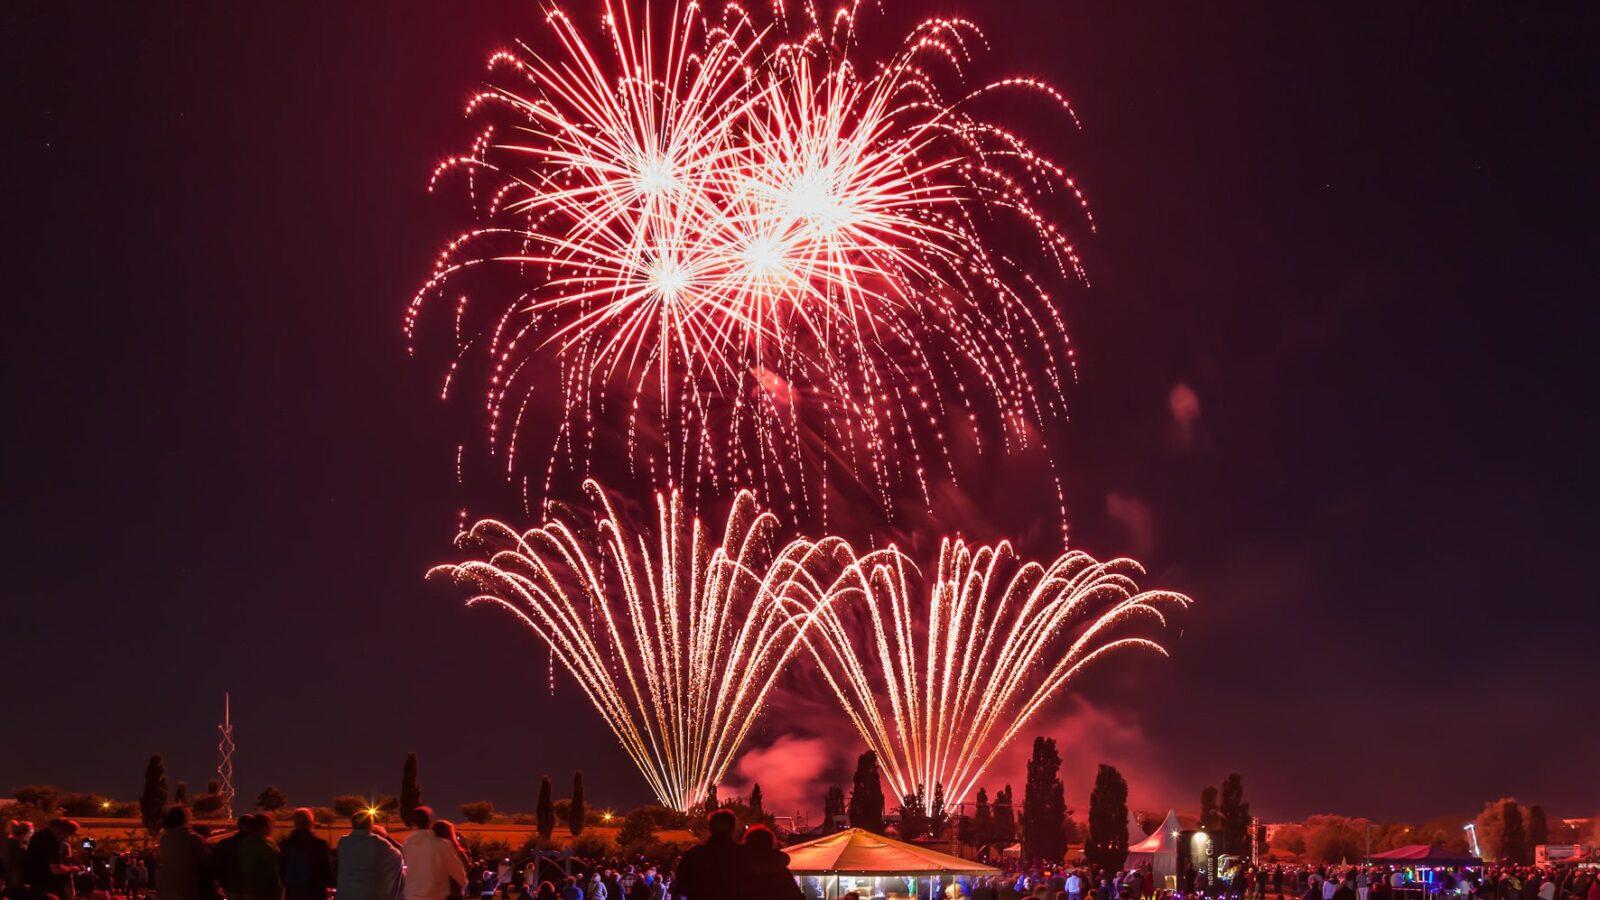 Das Duell der Feuerwerke